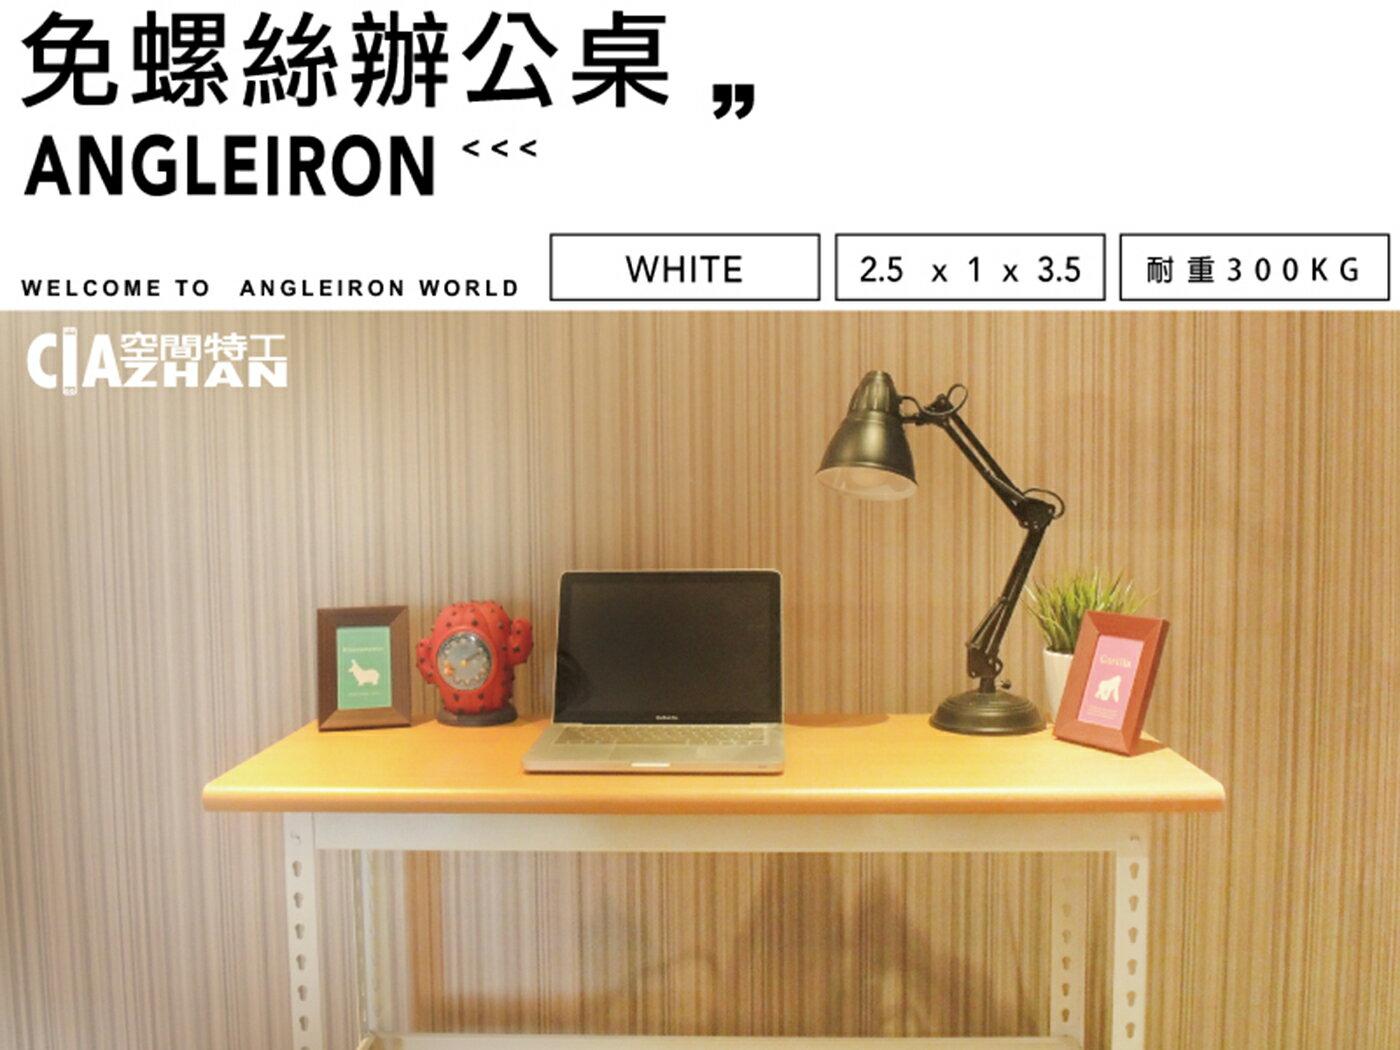 OA辦公桌♞空間特工♞(木紋桌板120x45cm,高密度塑合板 抗刮耐磨)免螺絲角鋼桌 會議桌 免運費 - 限時優惠好康折扣